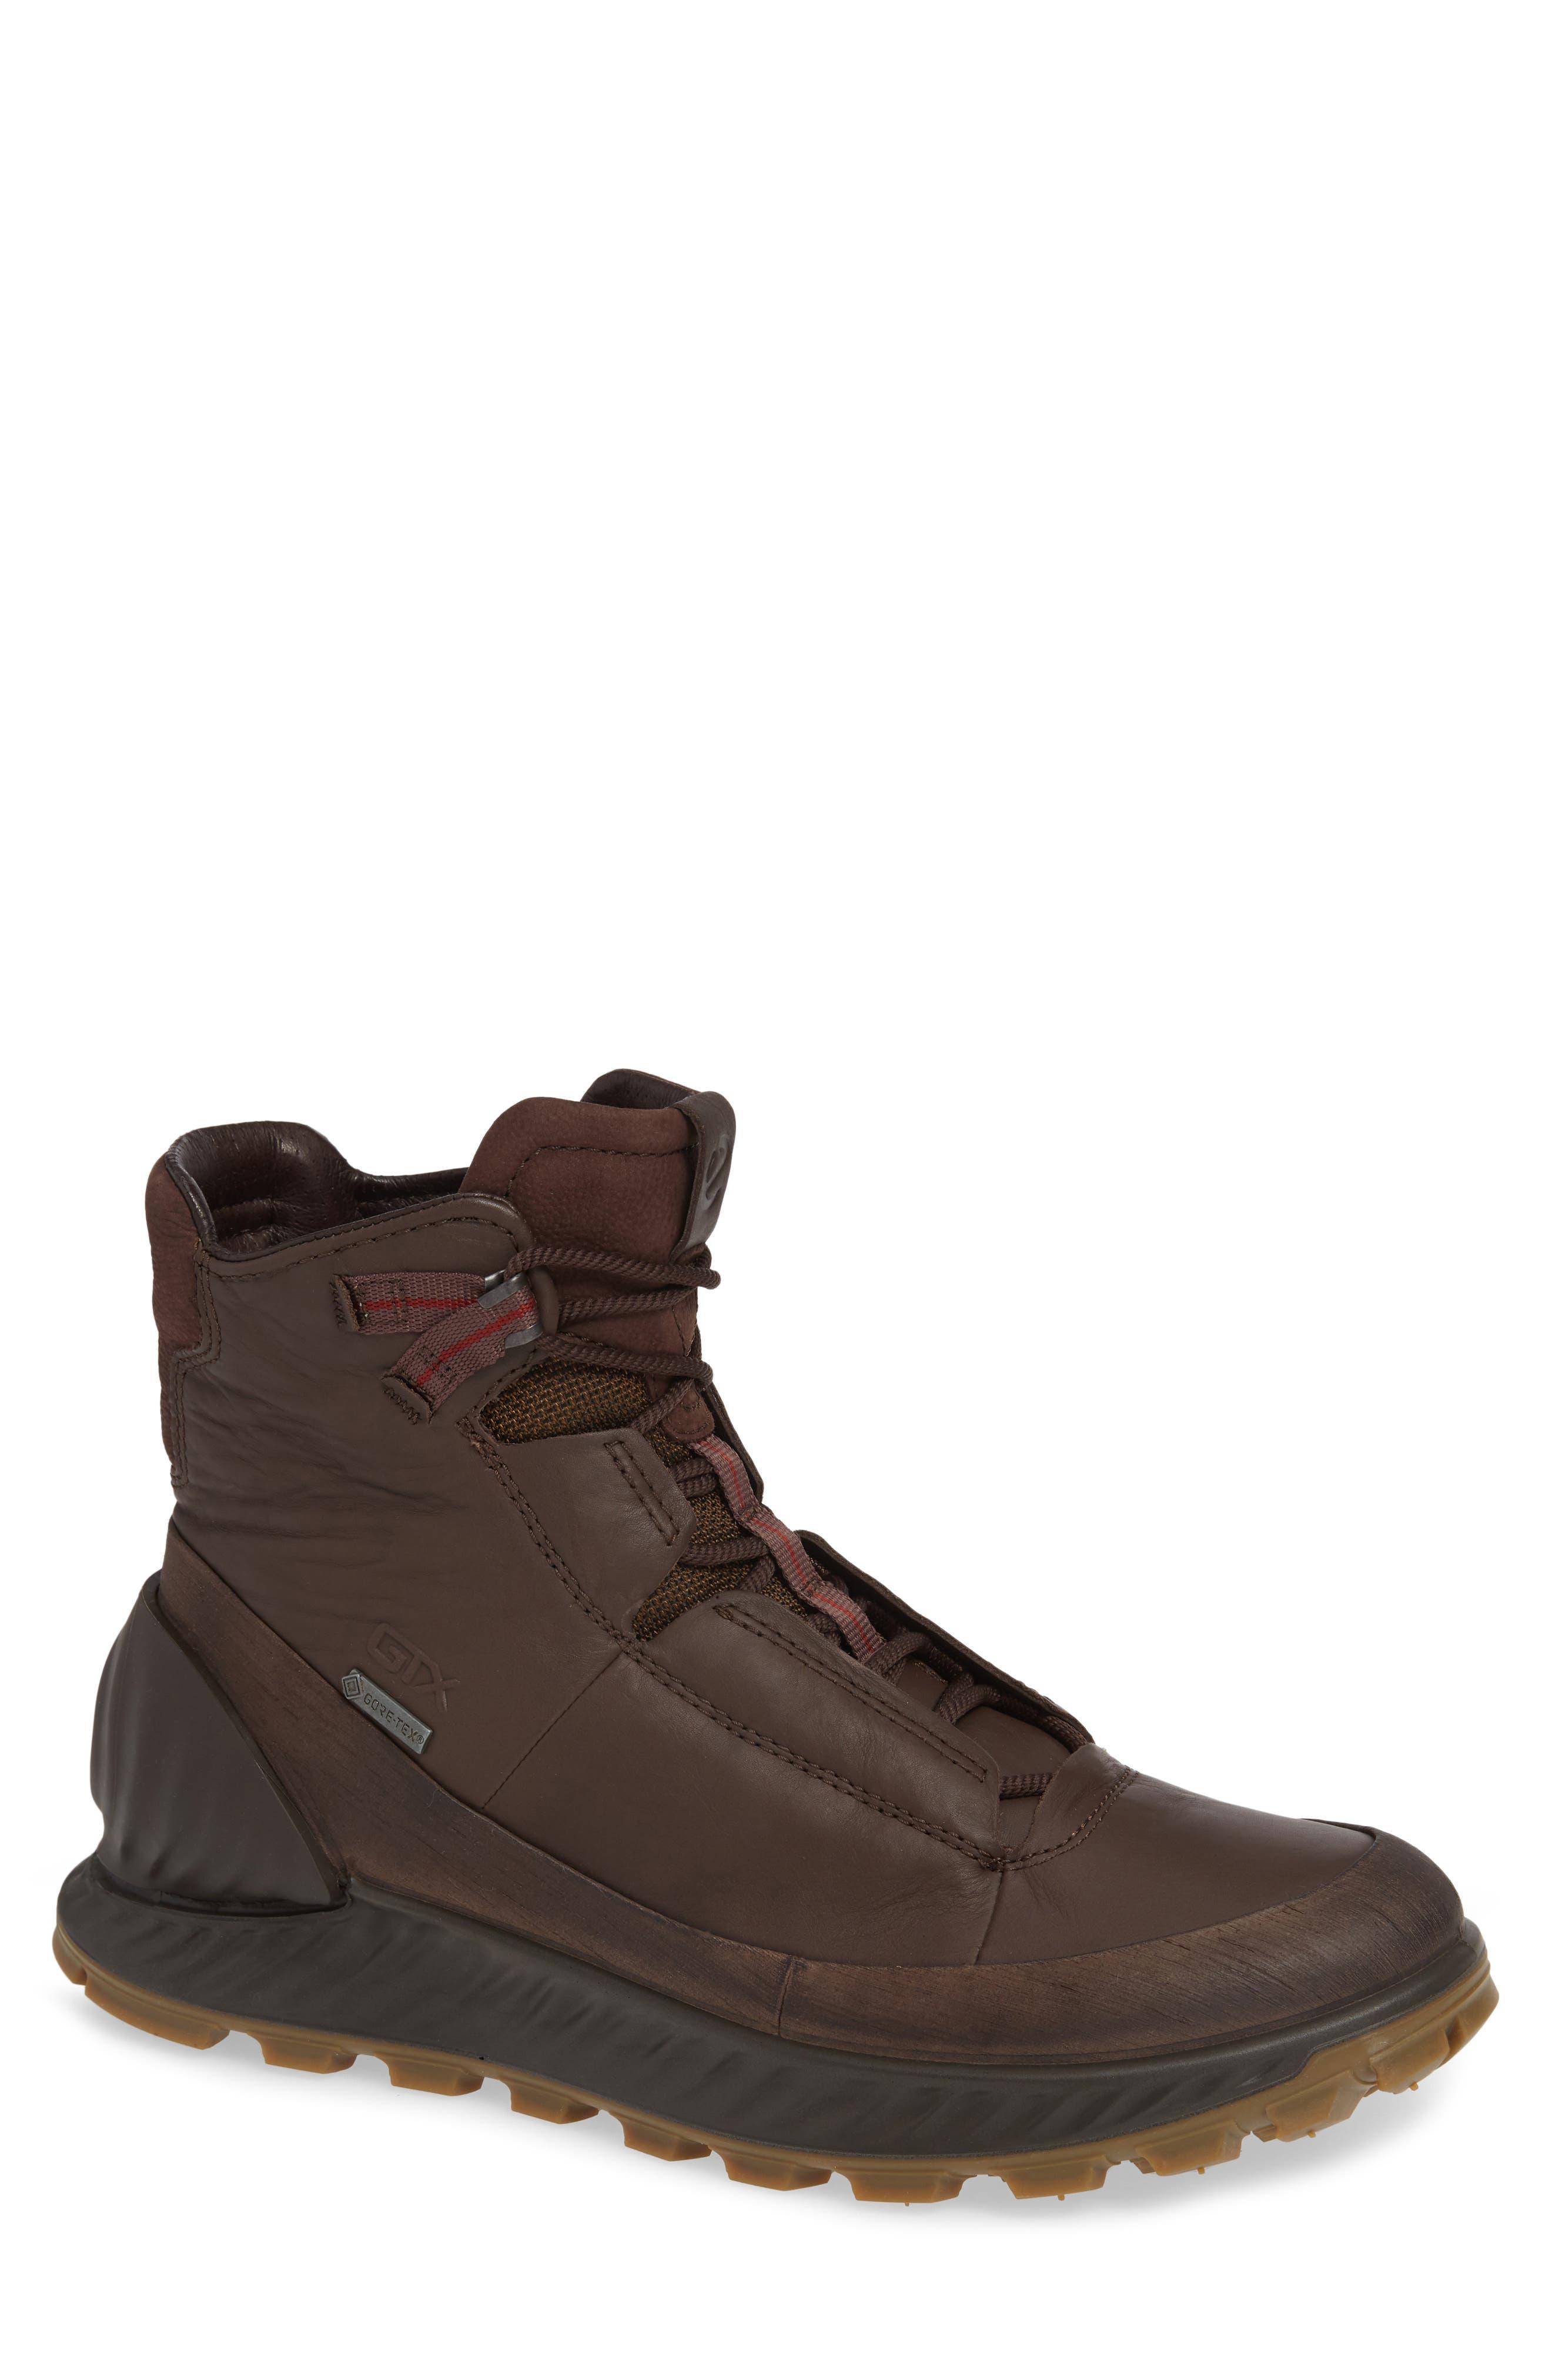 Exostrike Dyneema Gore-Tex<sup>®</sup> Sneaker Waterproof Boot,                         Main,                         color, 202